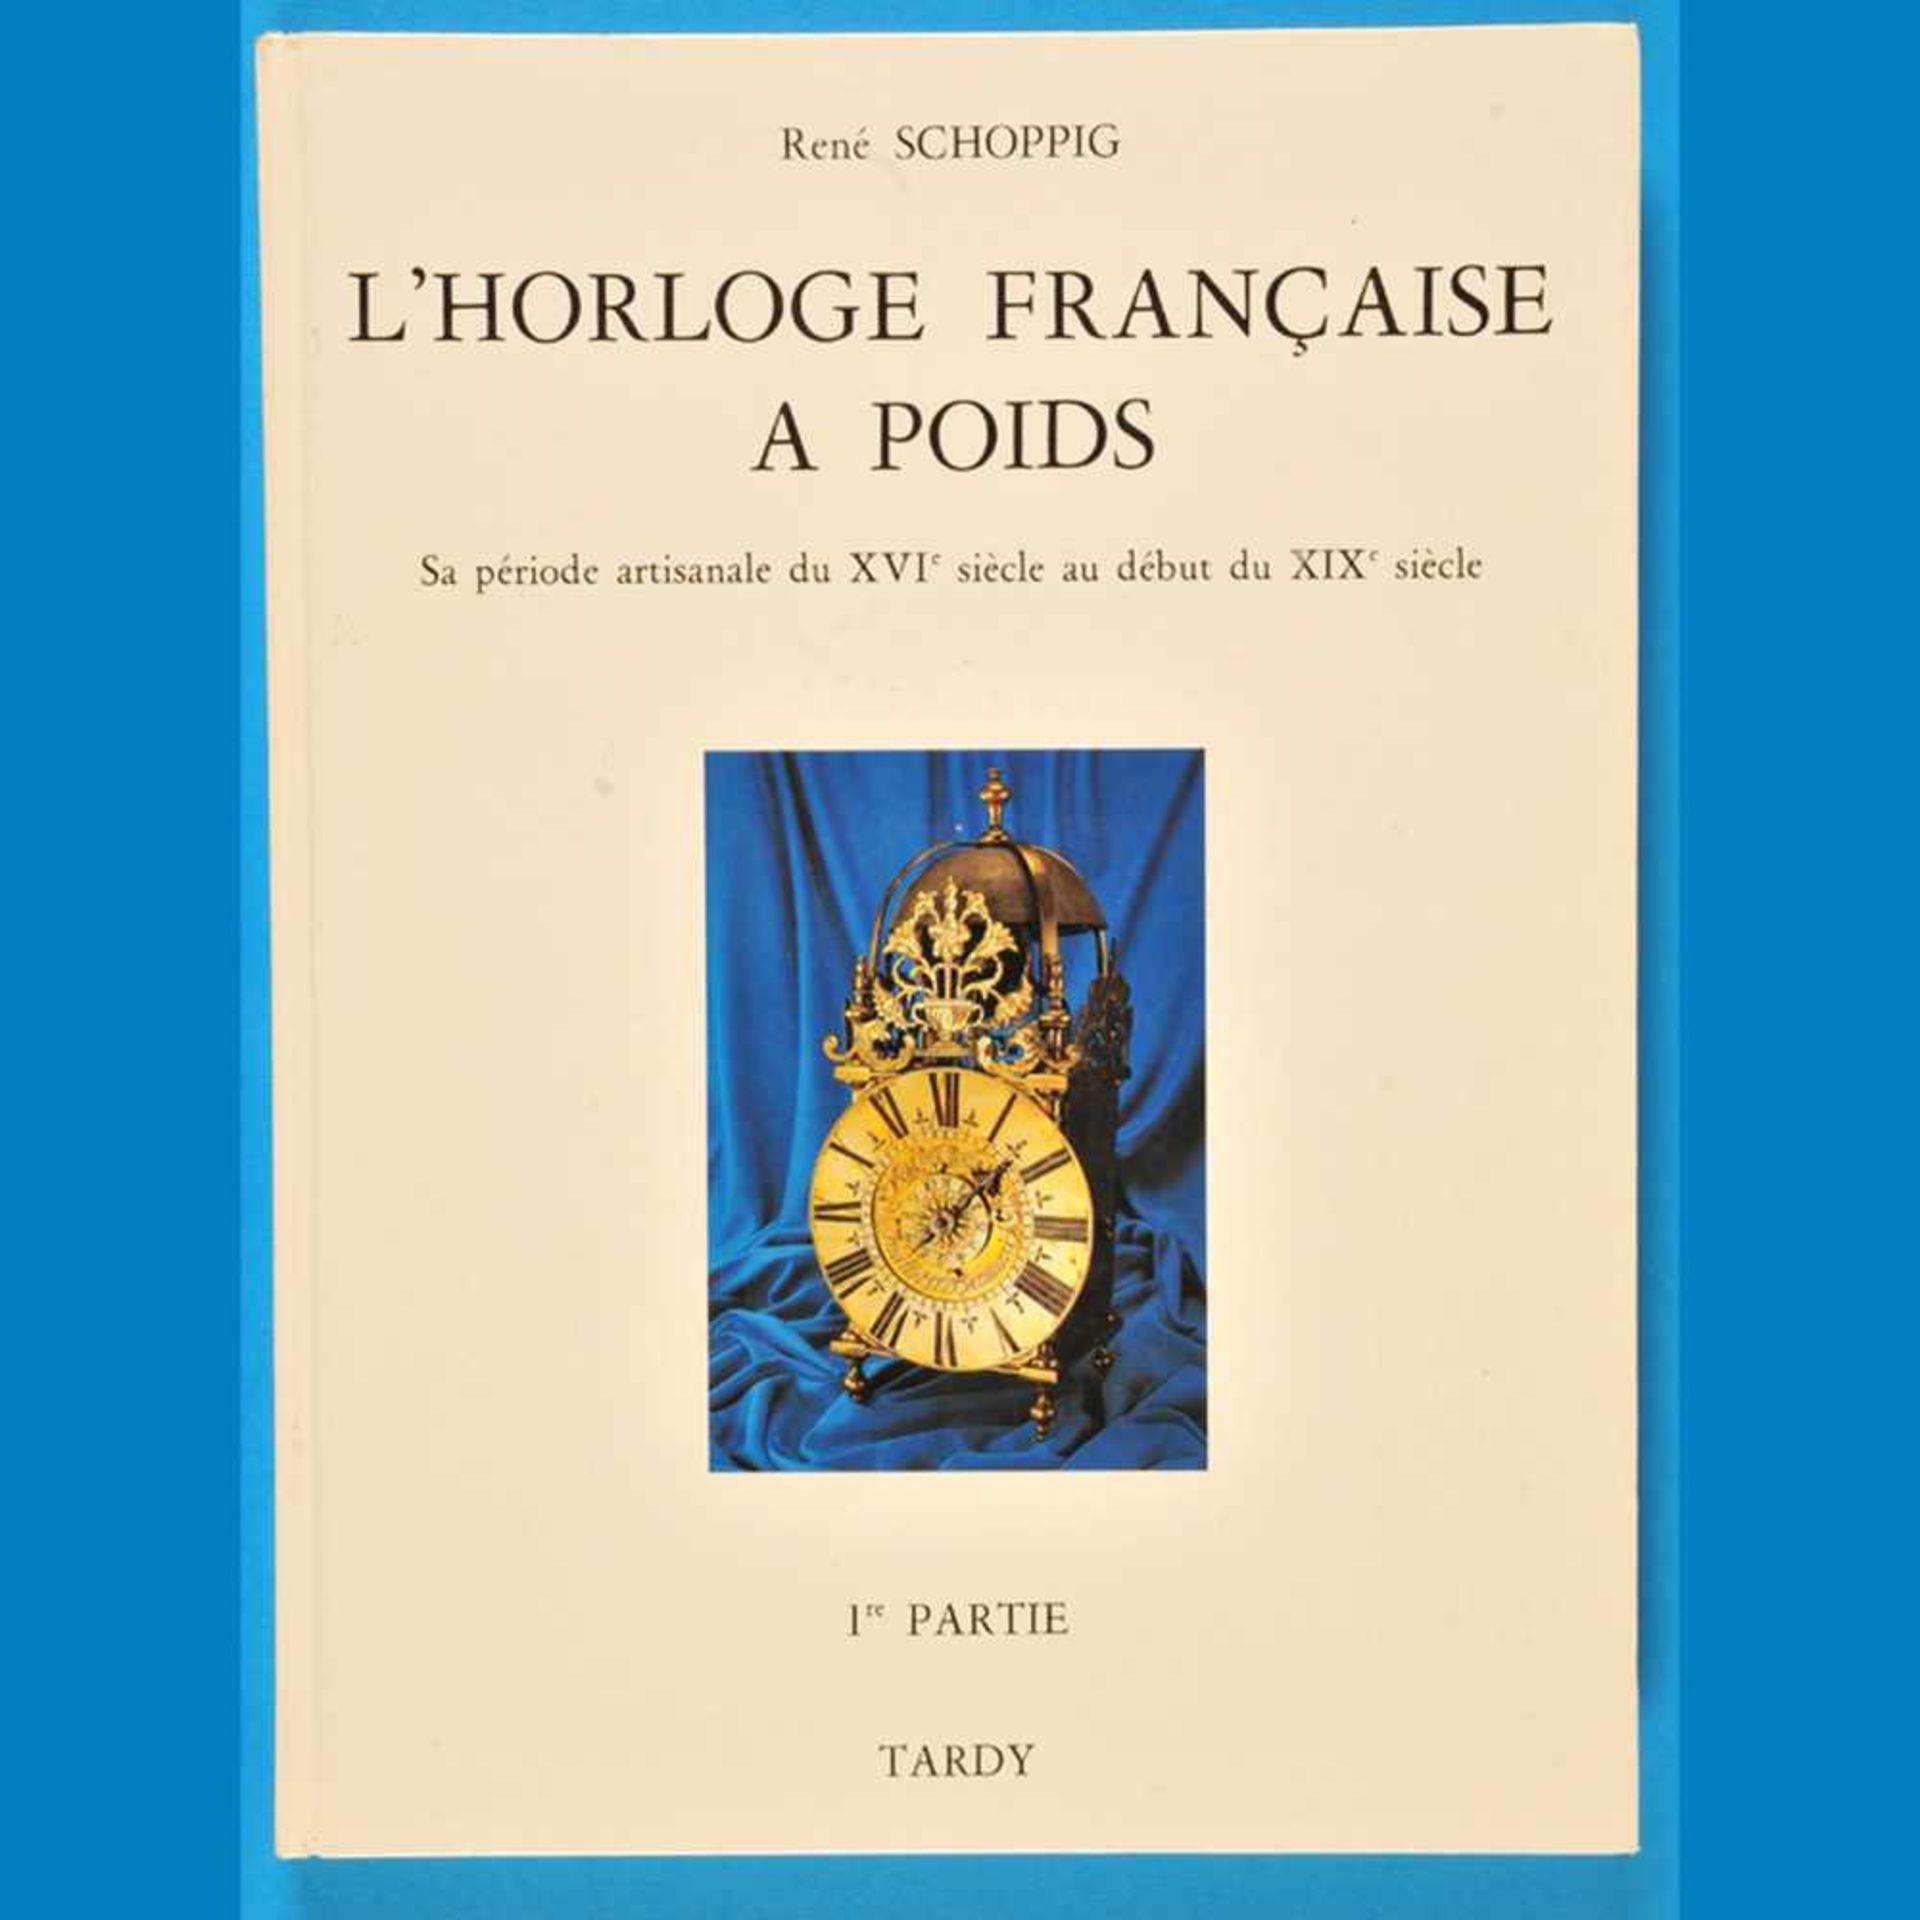 René Schopping, L'Horloge Francaise à Poids, XVI. siècle au début du XIX. siècle, 1. Partie, 1984<b